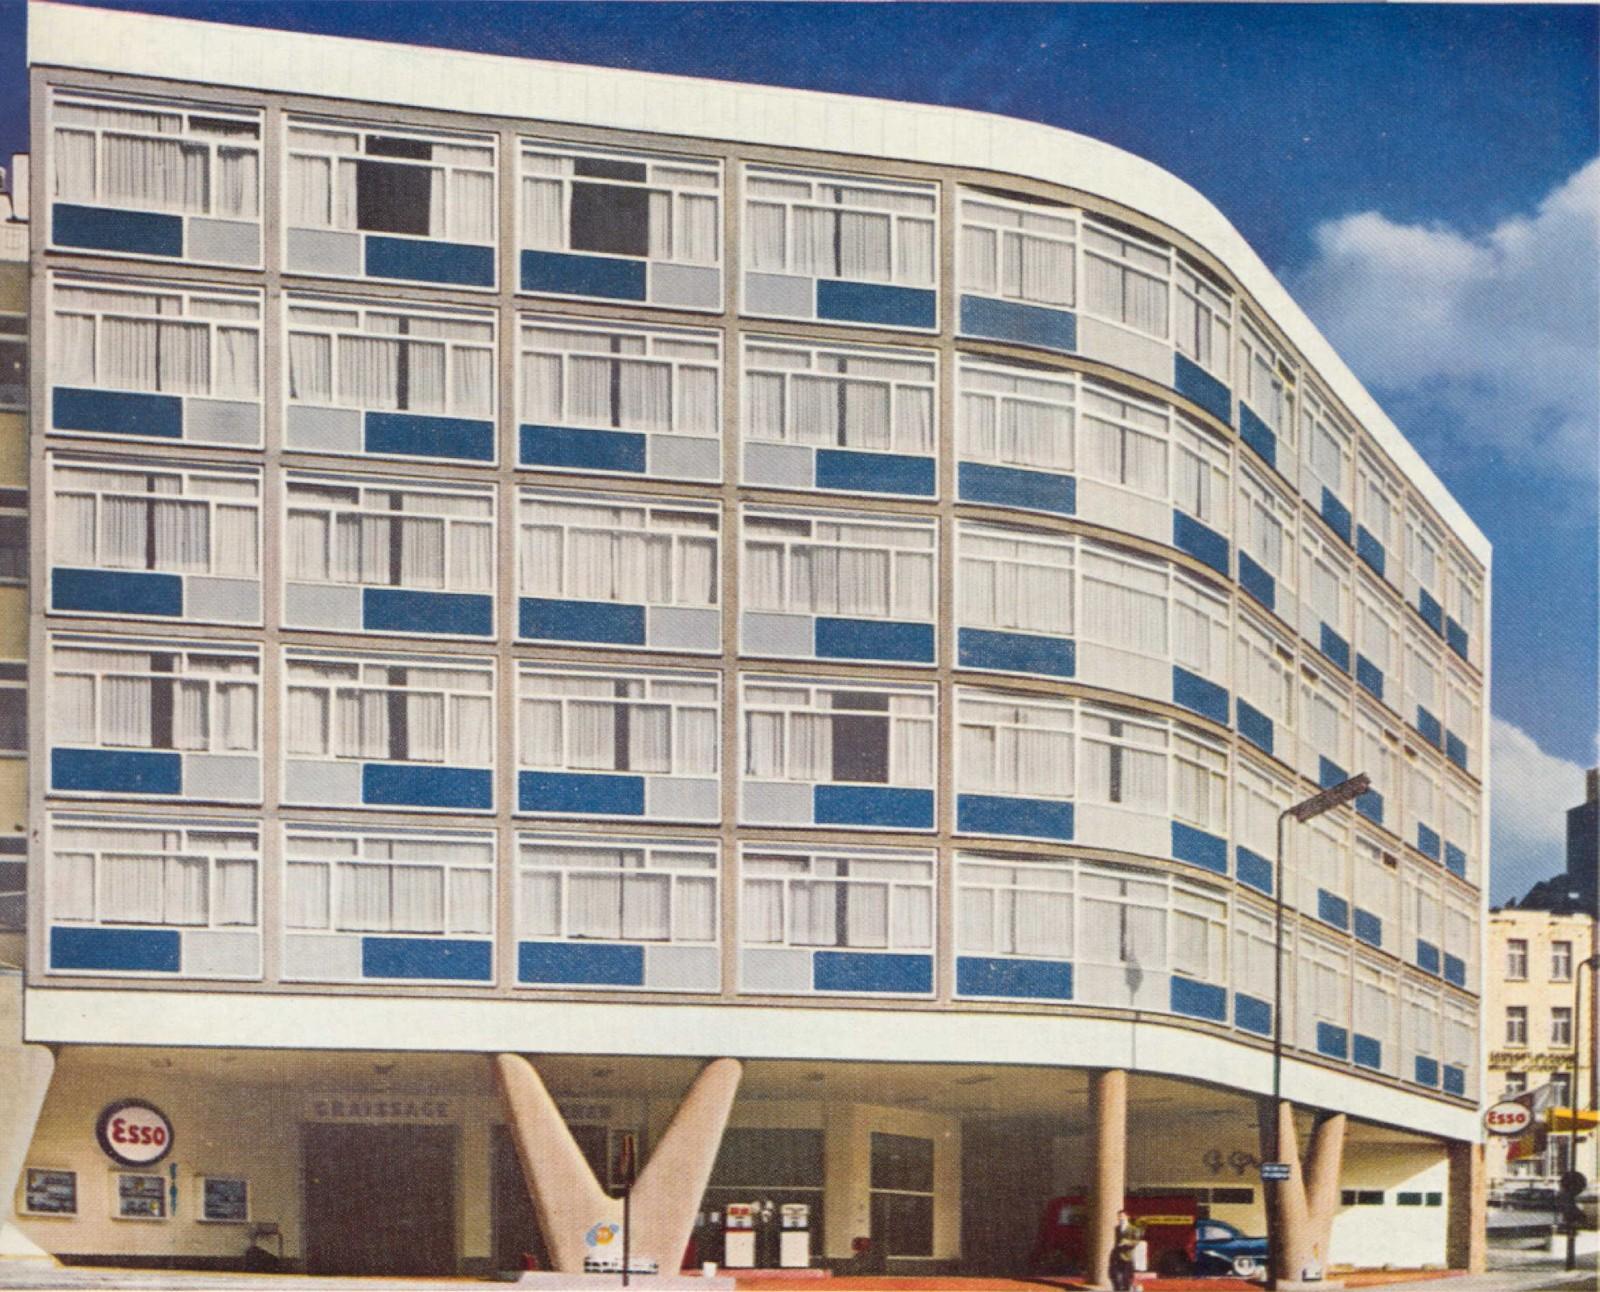 Bâtiment sur piliers en V, publicité pour le panneau sandwich de marque Glasal (<i>Architecture</i>, 27, 1959), place Saint-Lazare 1, Saint-Josse-ten-Noode, 1957, architecte Claude Laurens.